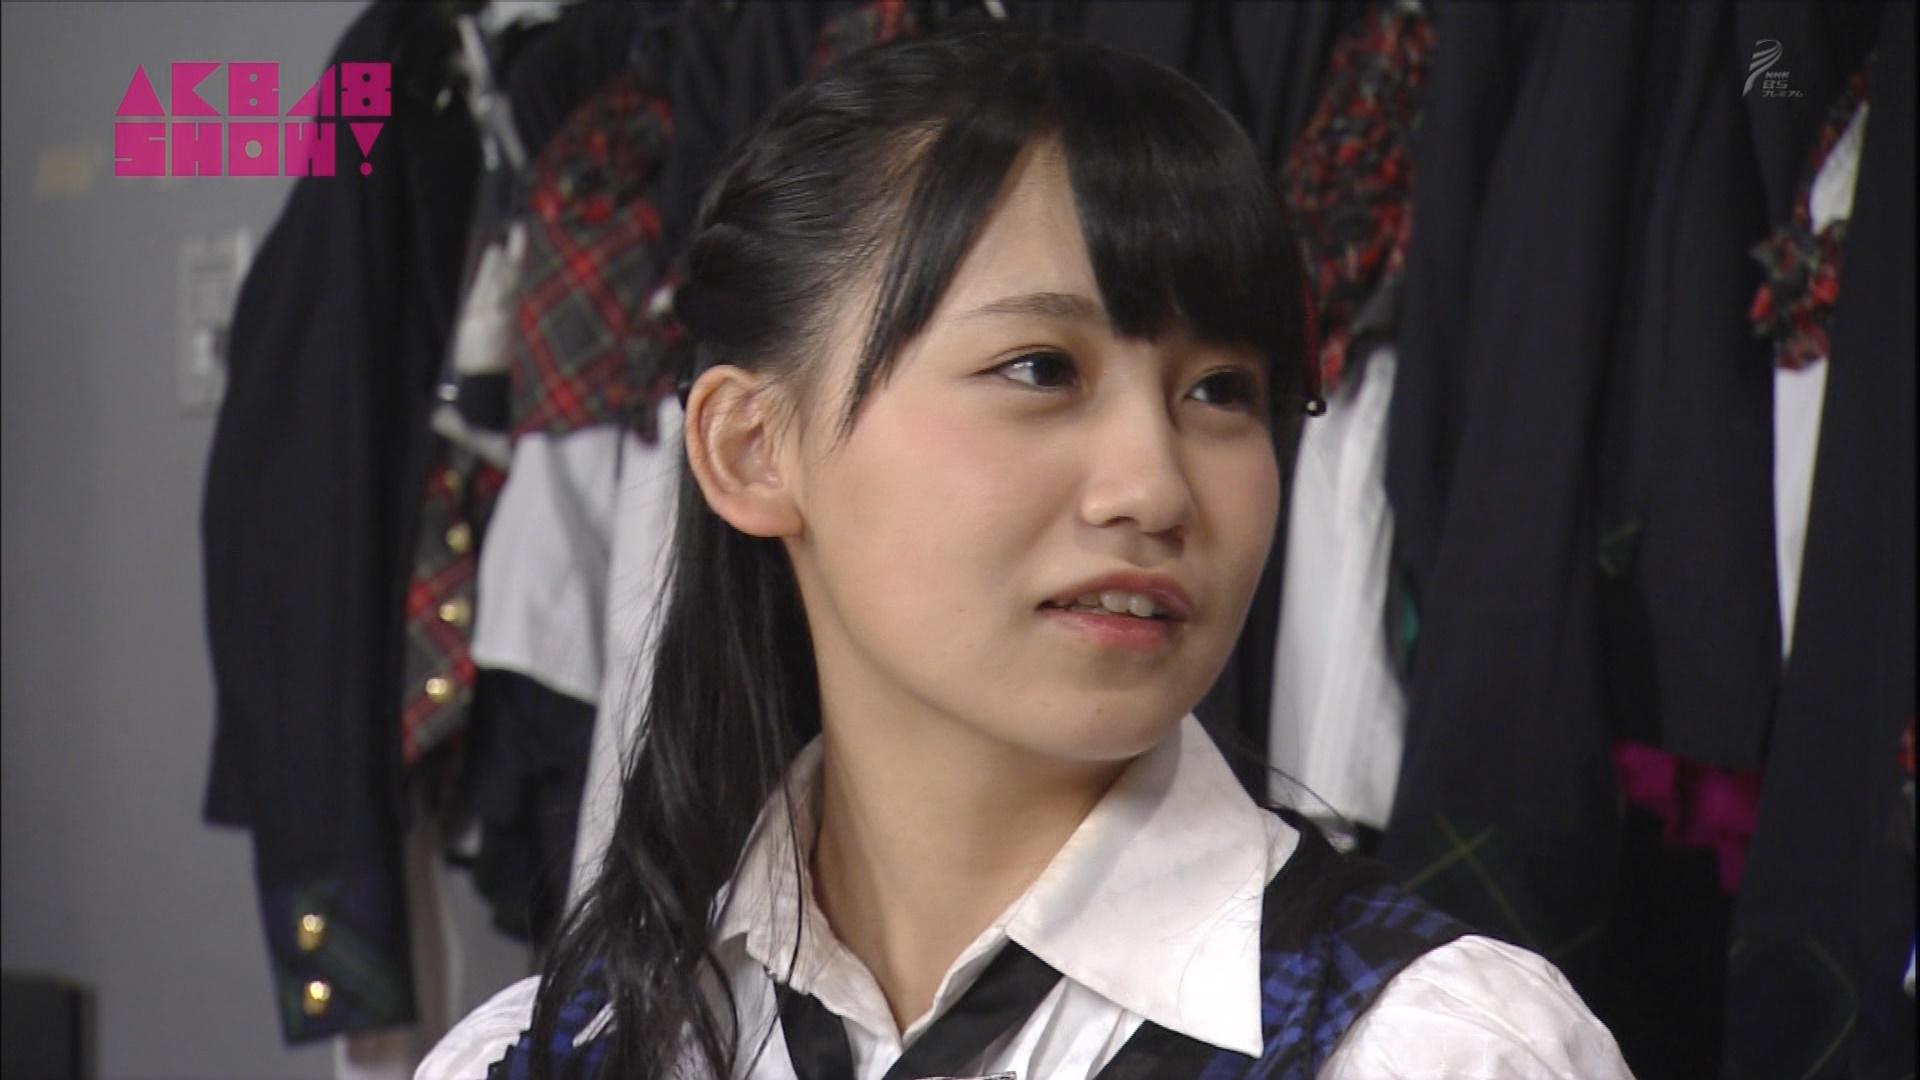 小嶋真子 彼女になれますか AKB48SHOW! 20140906 (7)